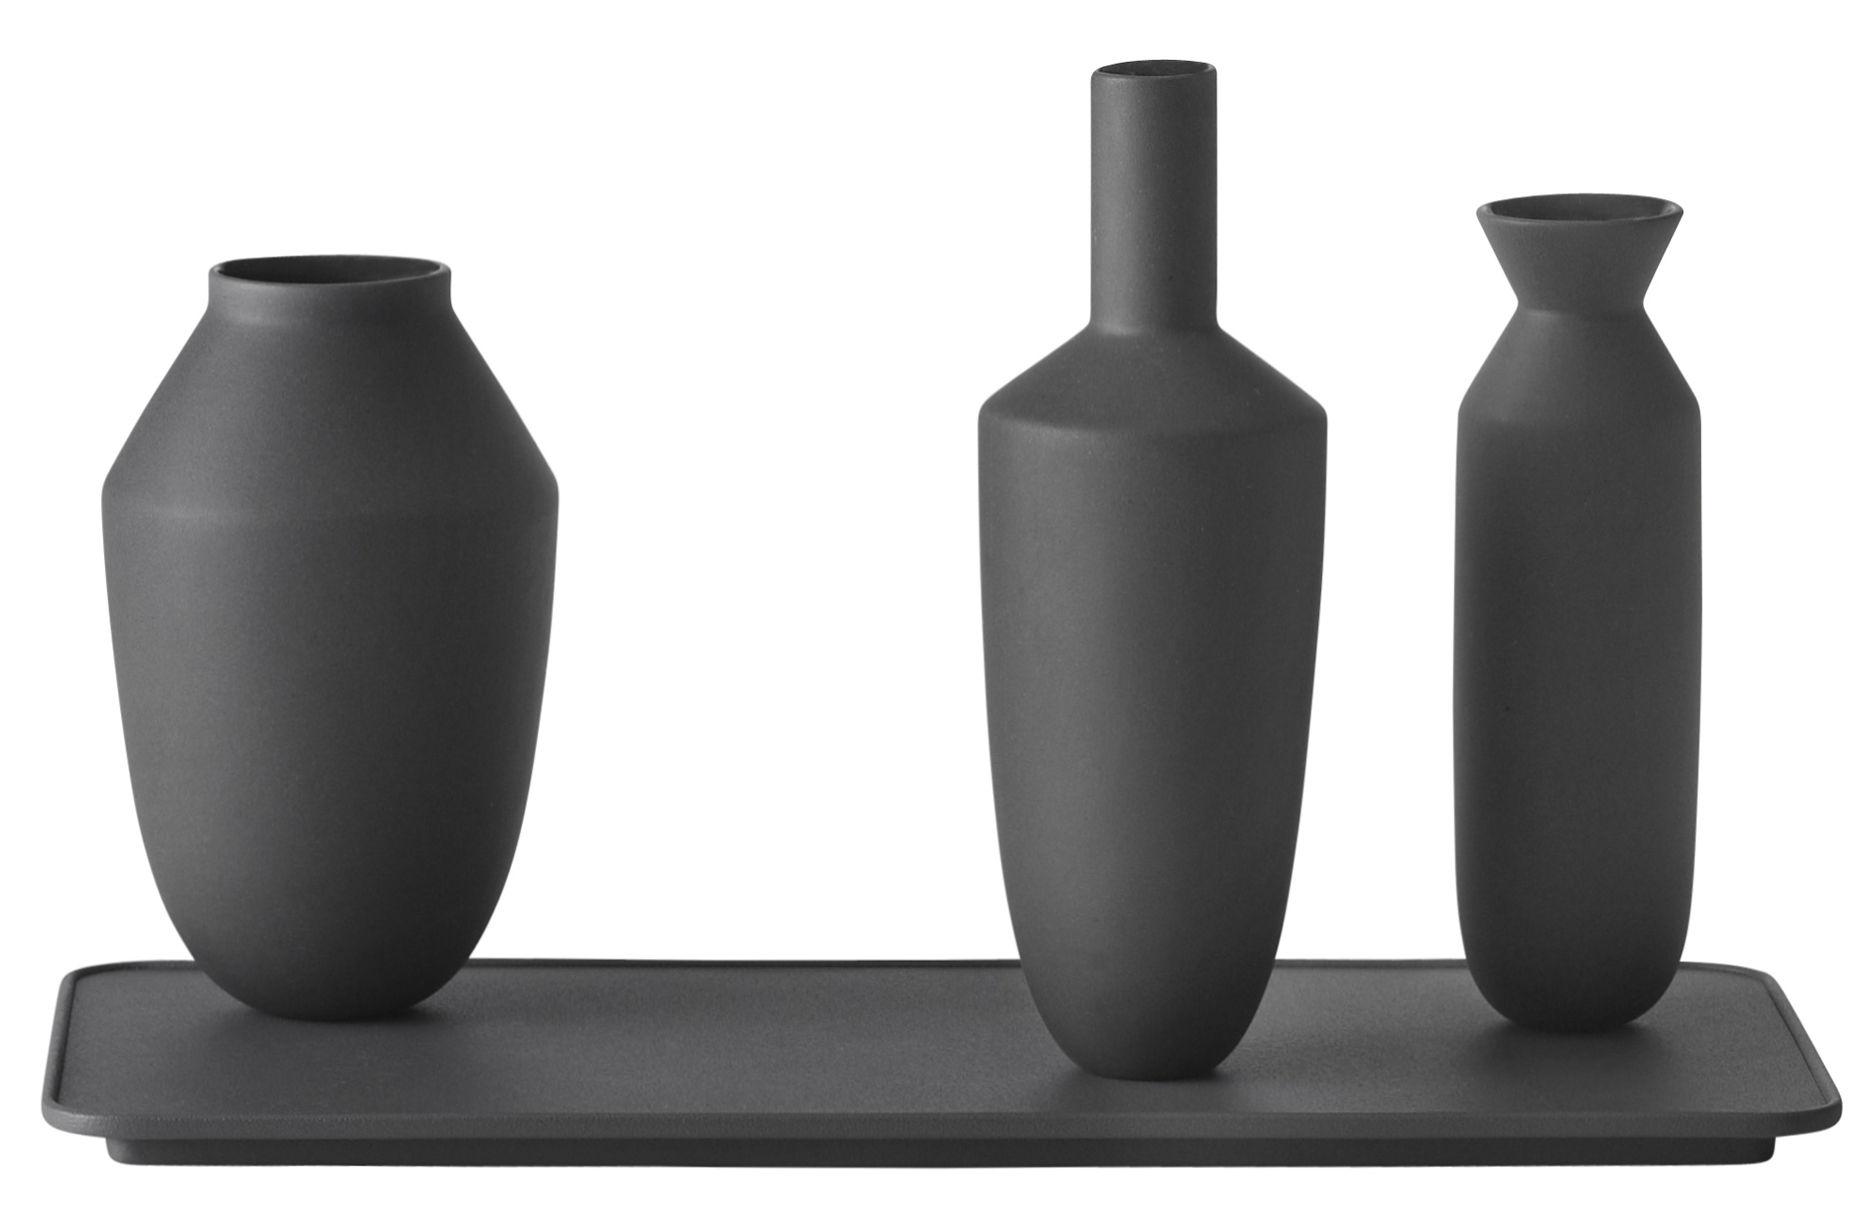 Déco - Vases - Vase Balance / Set plateau + 3 vases aimantés - Muuto - Vases noirs / Plateau noir - Acier peint, Porcelaine